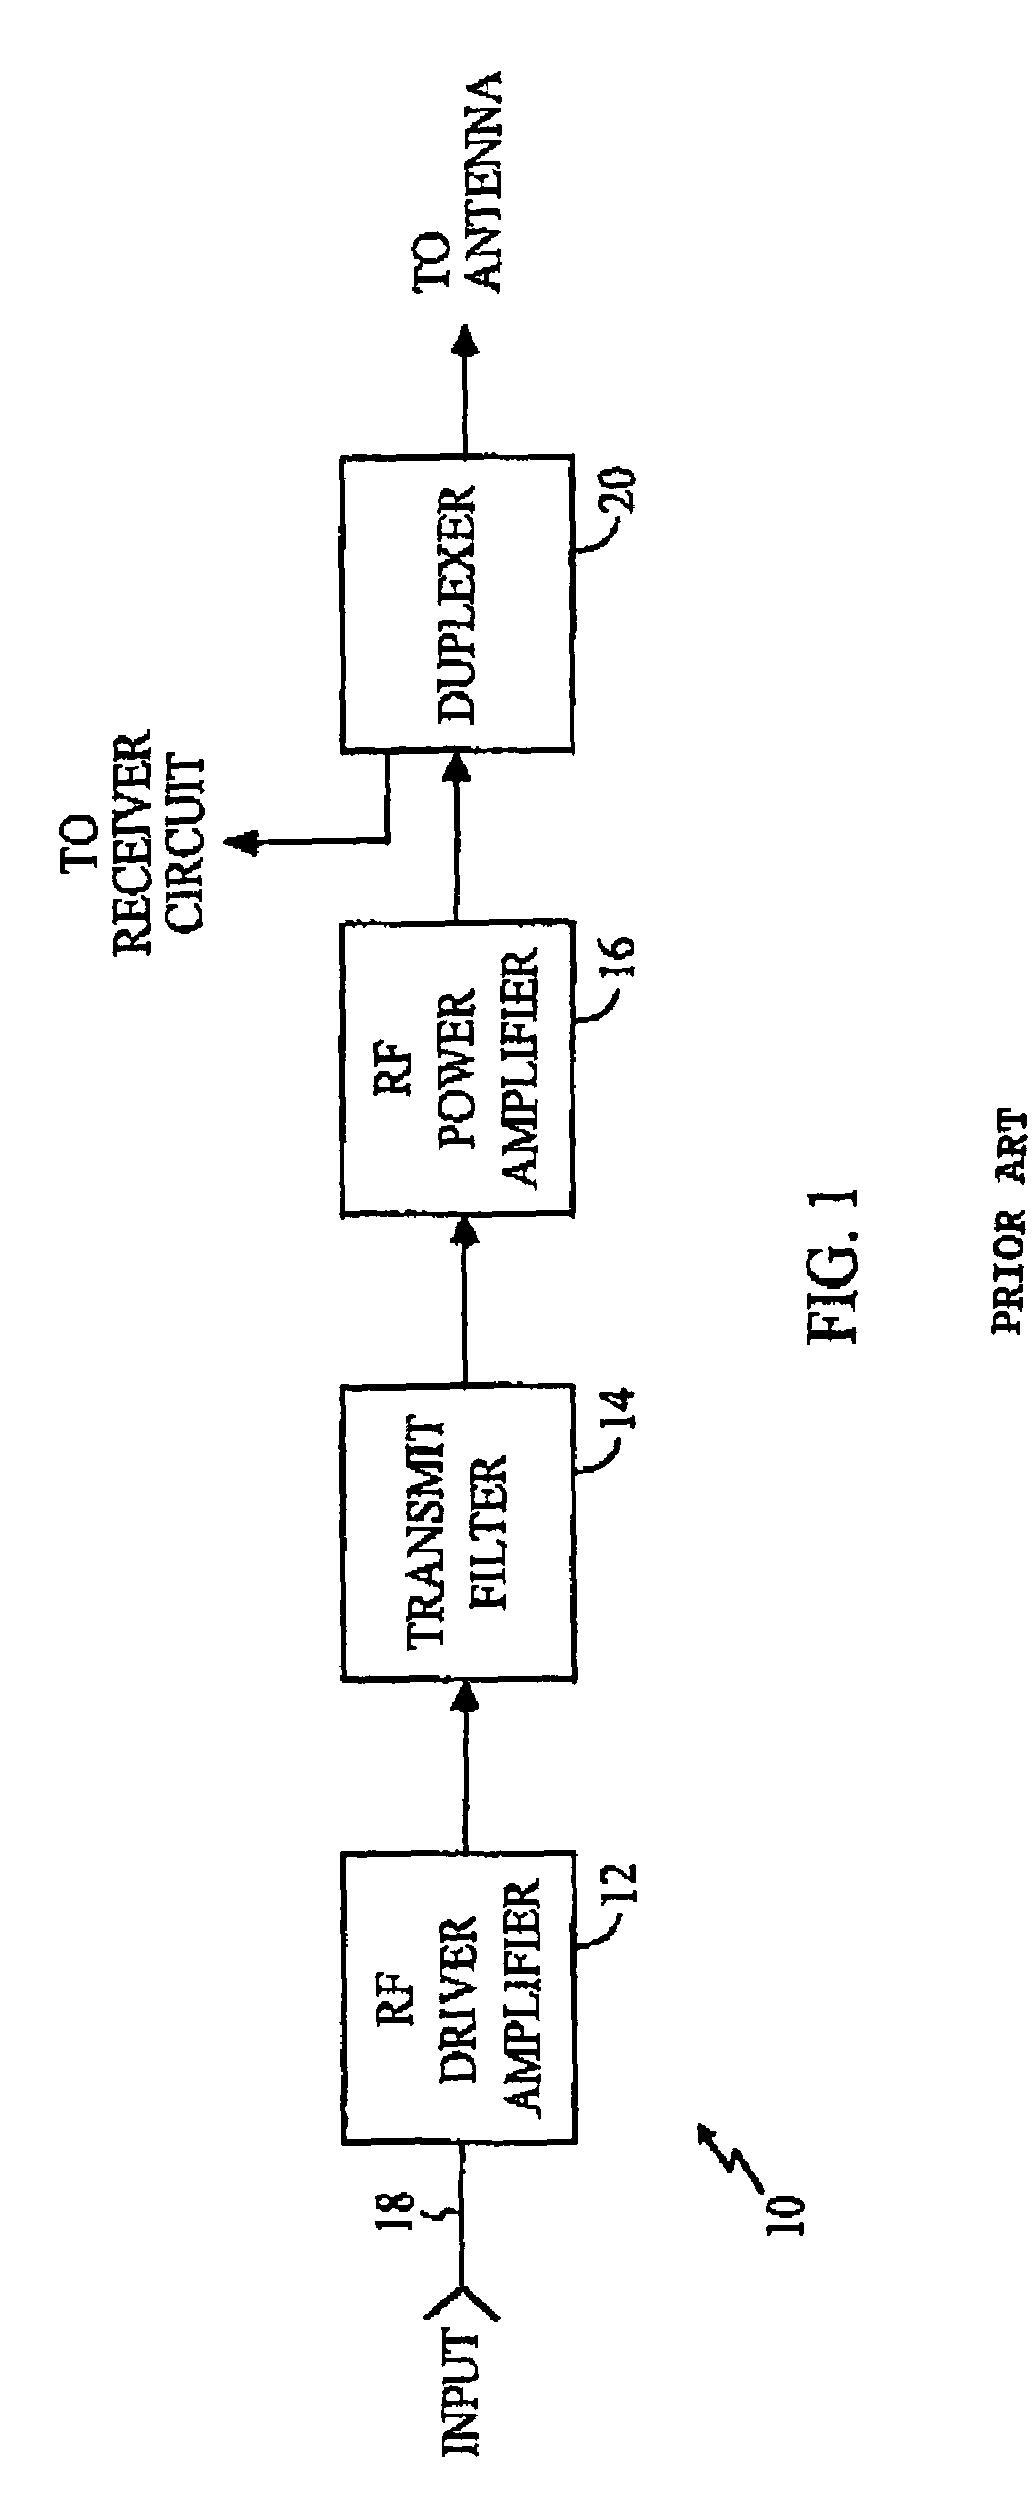 patent us7113033